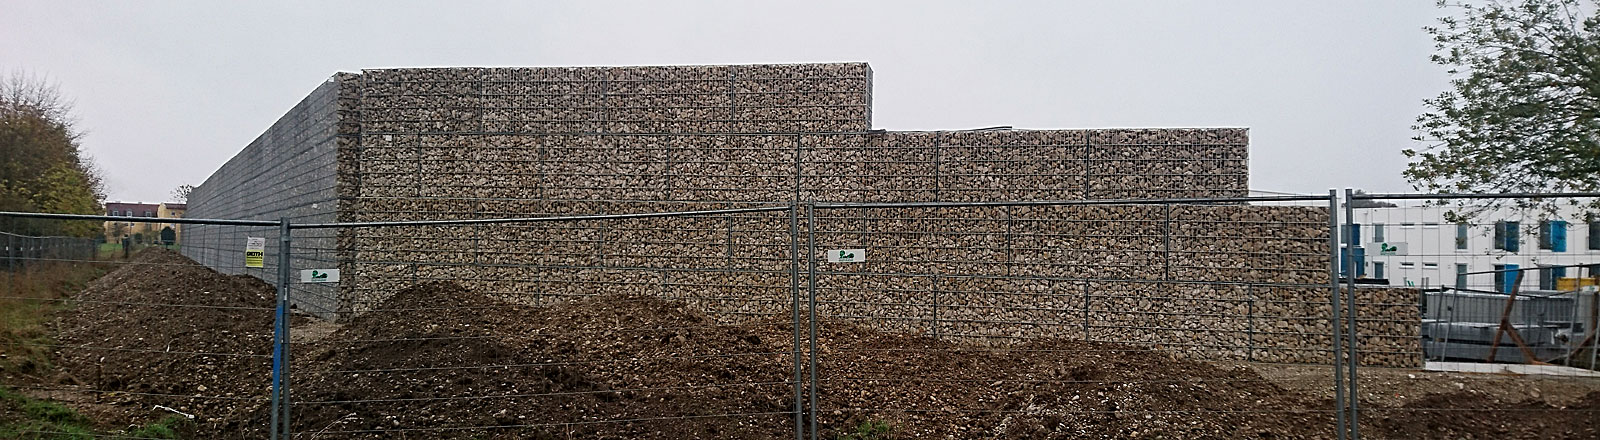 Die Mauer in Neuperlach